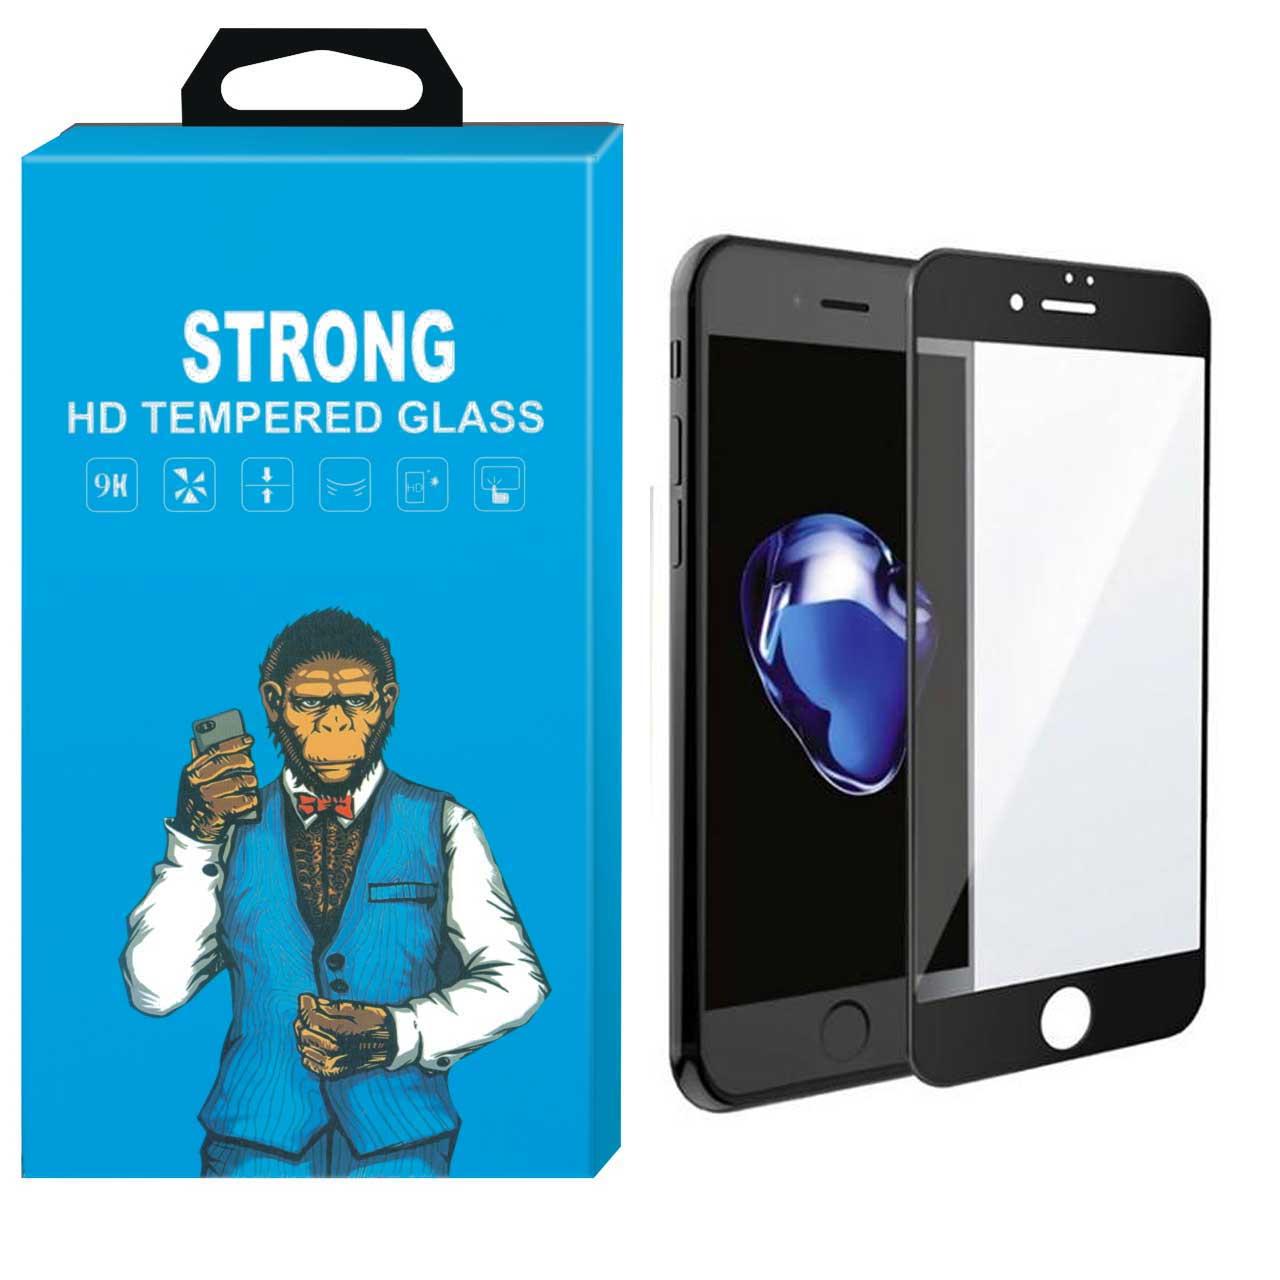 محافظ صفحه نمایش نانو گلس استرانگ مدل 5D مناسب برای اپل آیفون 7/8